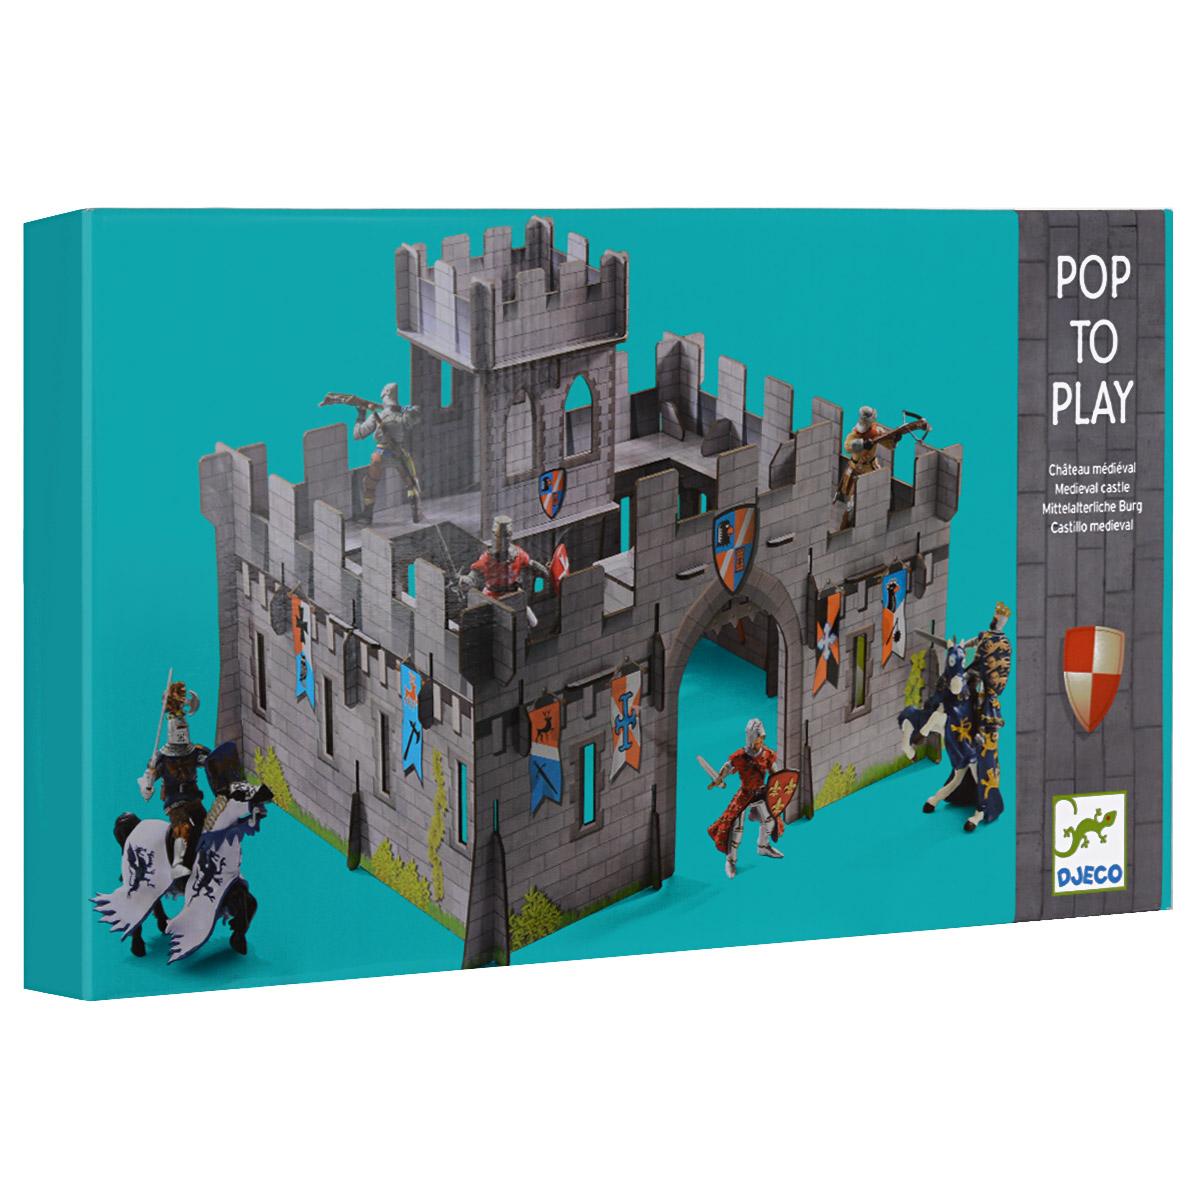 Djeco Объемный конструктор Средневековый замок, 31 элемент07703Объемный конструктор Djeco Средневековый замок порадует вашего малыша. Он включает 31 элемент из очень крепкого картона, из которых собирается великолепный объемный замок с башней. Схематичная инструкция позволит это сделать правильно и быстро. Такой замок станет красивым фоном для игр с рыцарями, солдатиками и прочими любимыми игрушками вашего мальчика.